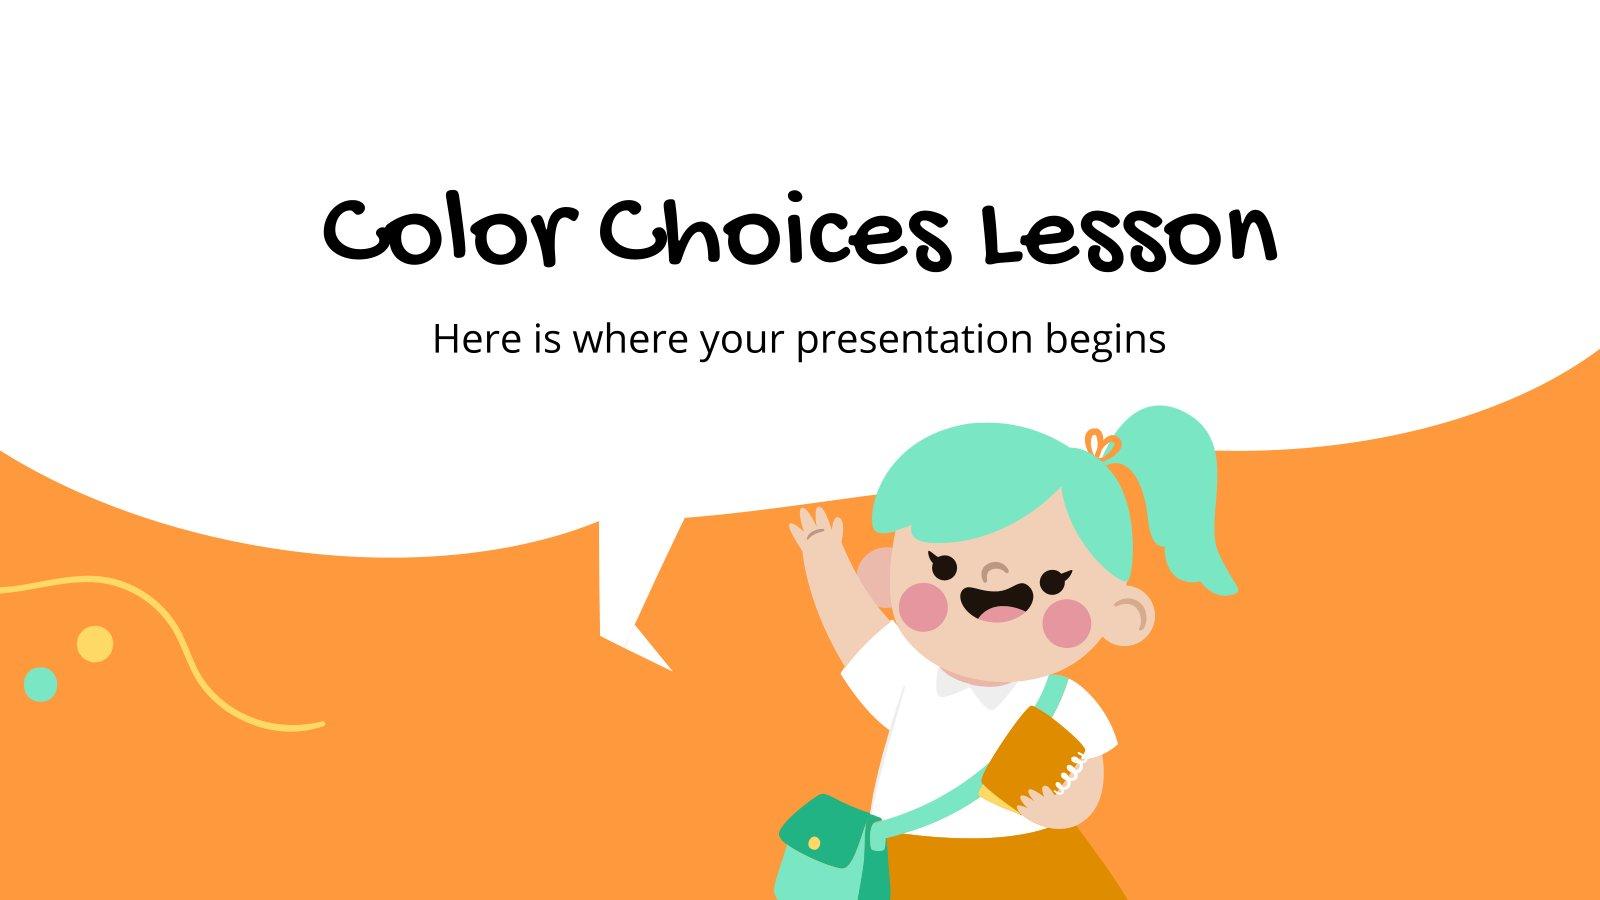 Modelo de apresentação Aula de cores